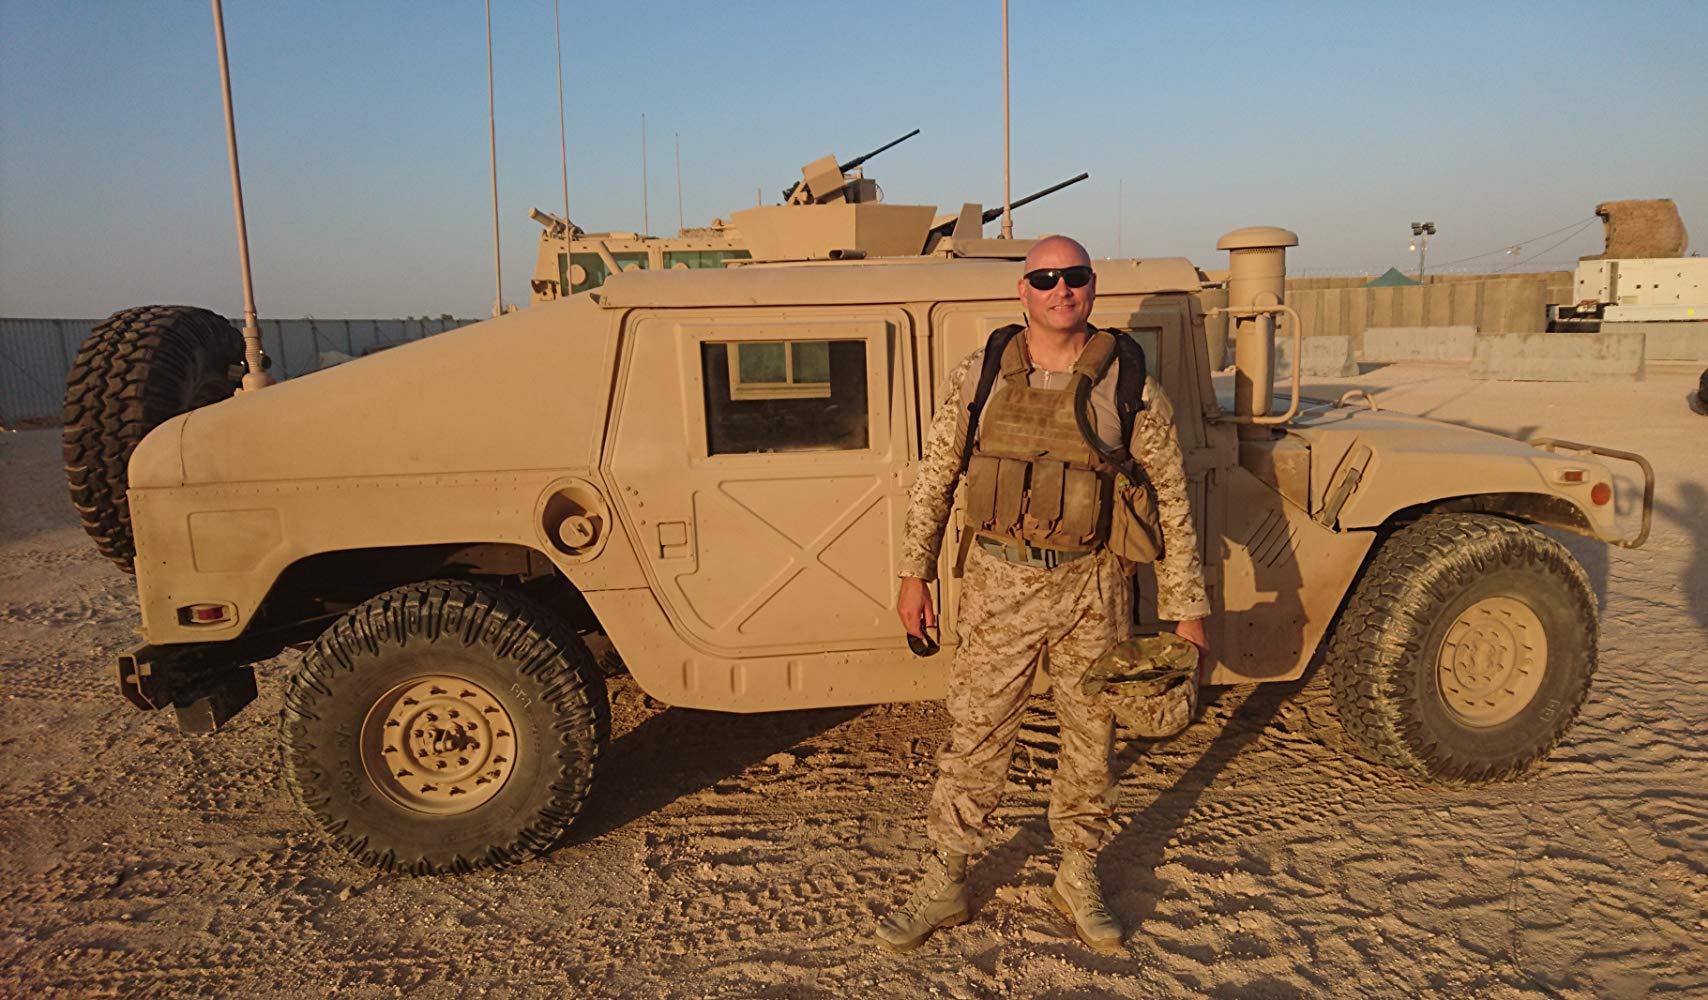 Standing next to Humvee